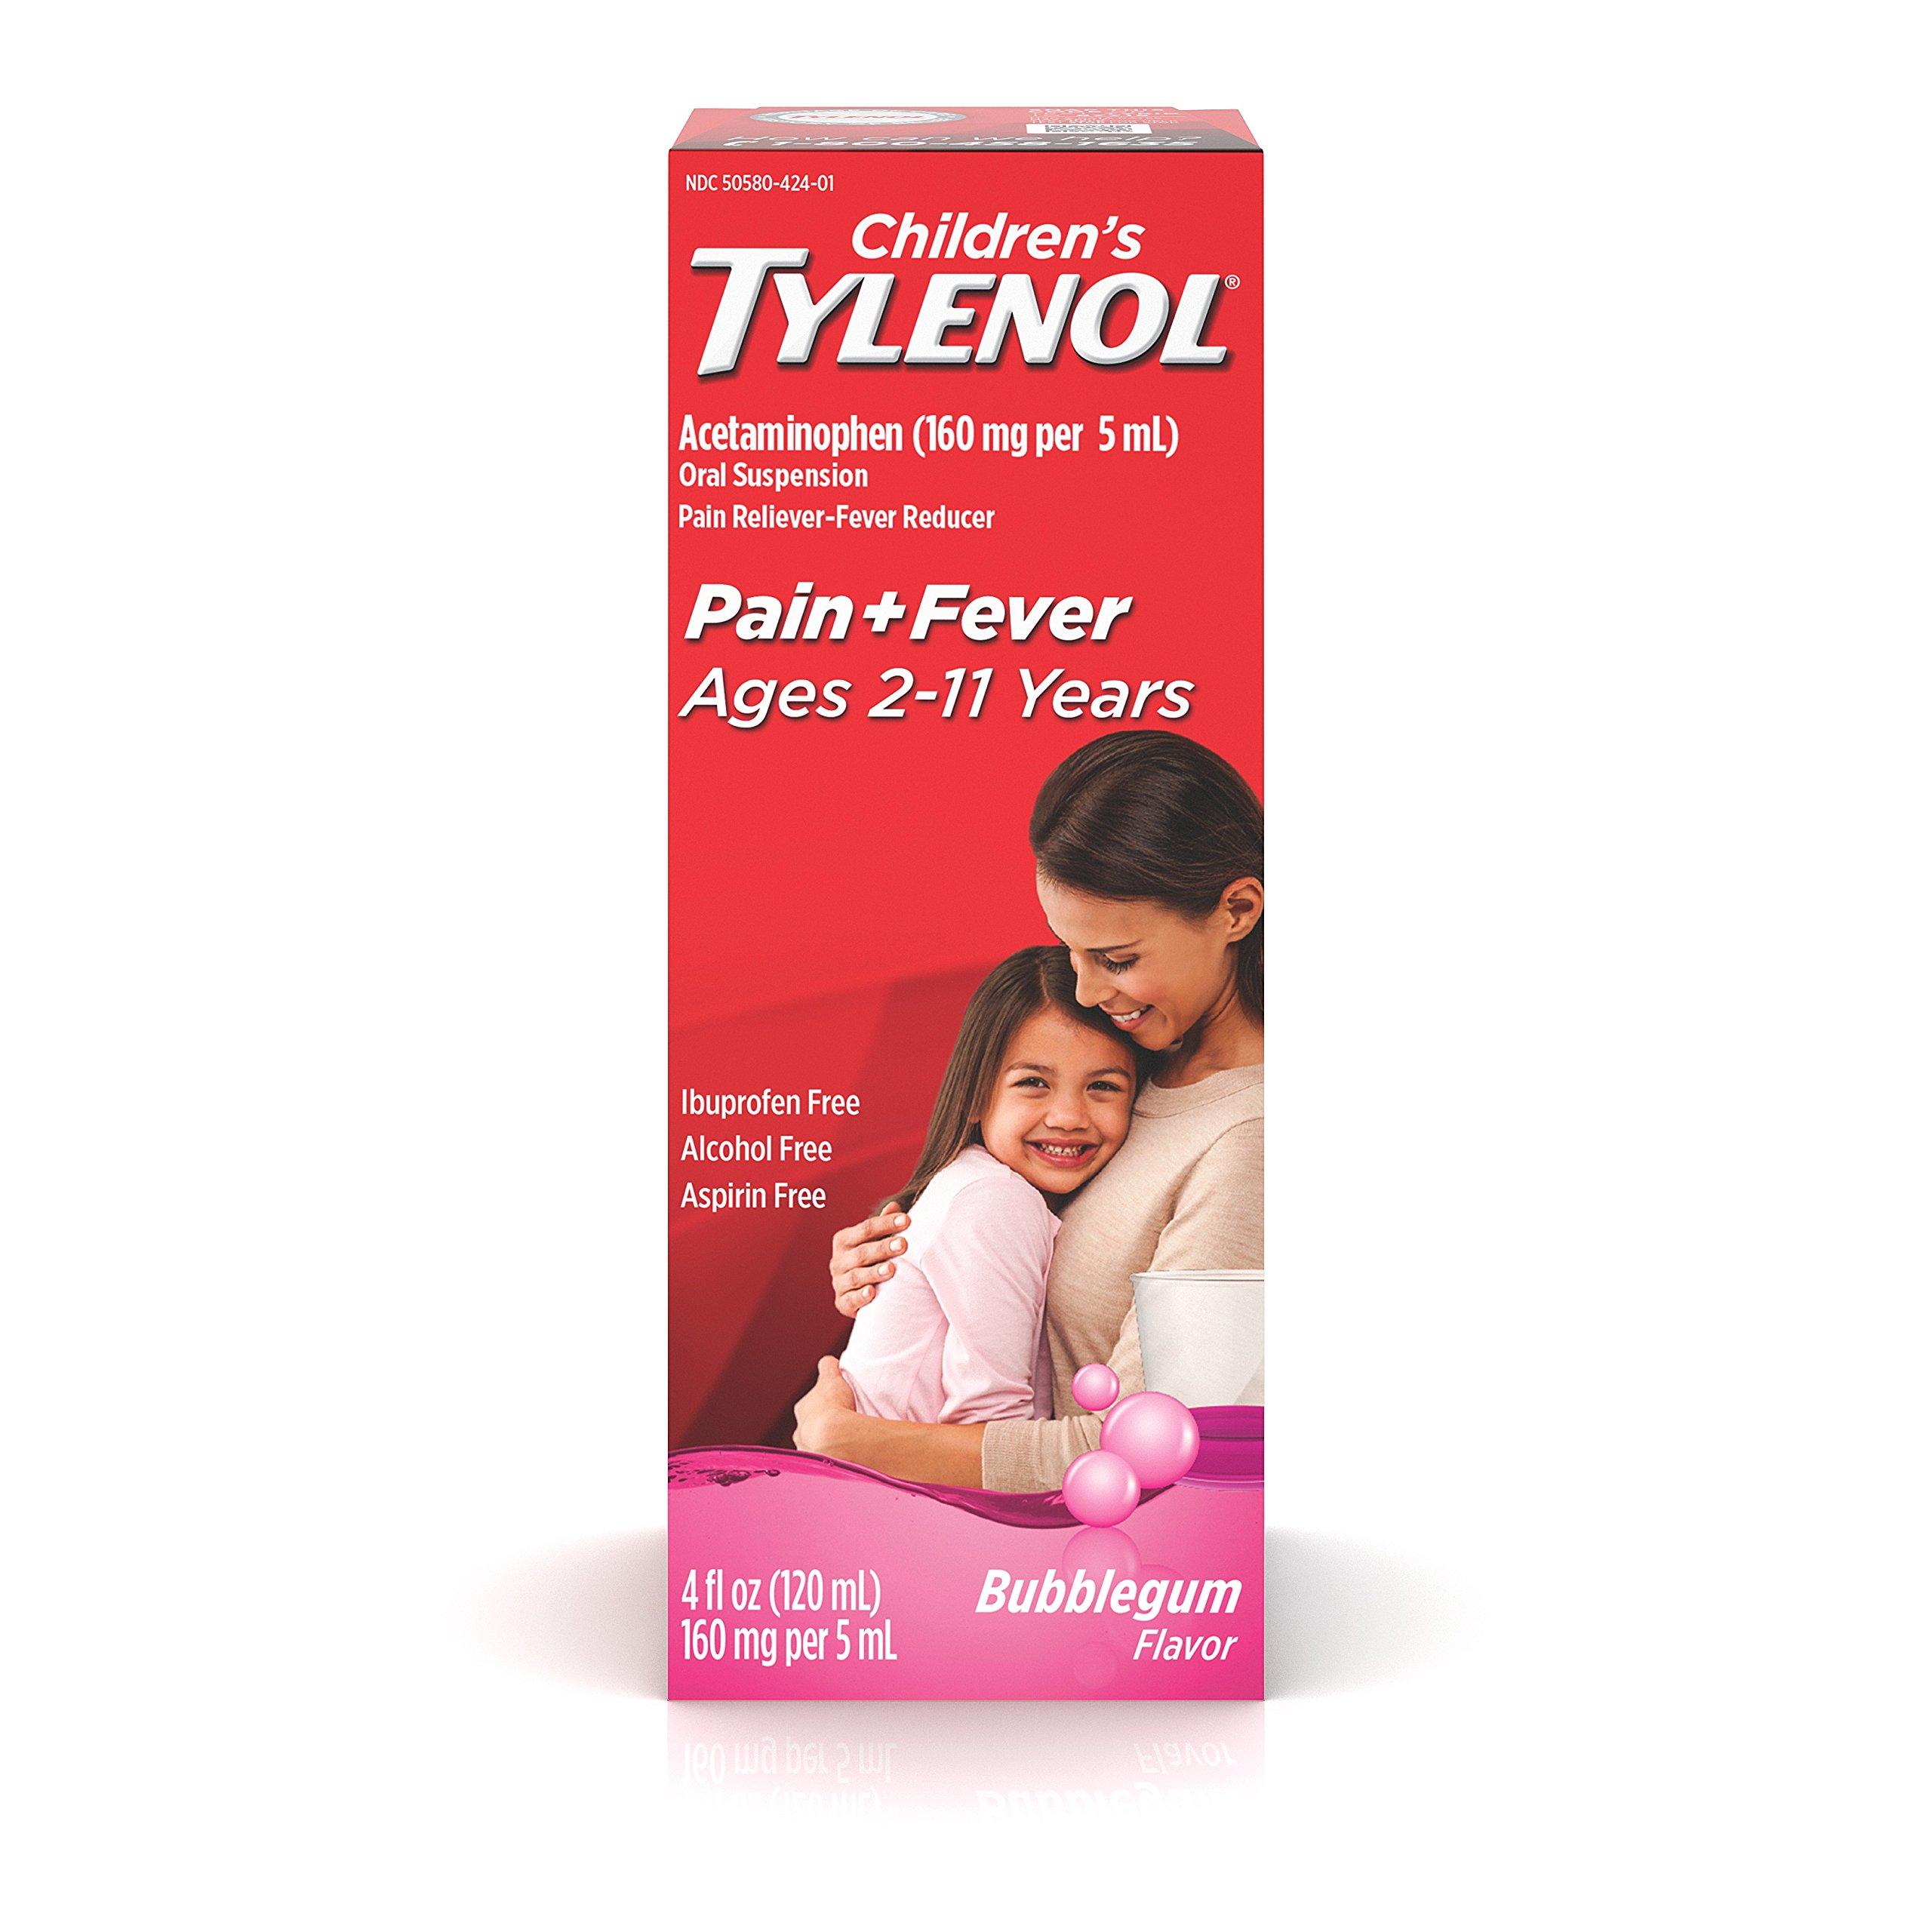 Children's Tylenol Oral Suspension, Fever Reducer And Pain Reliever, Bubblegum, 4 Fl Oz